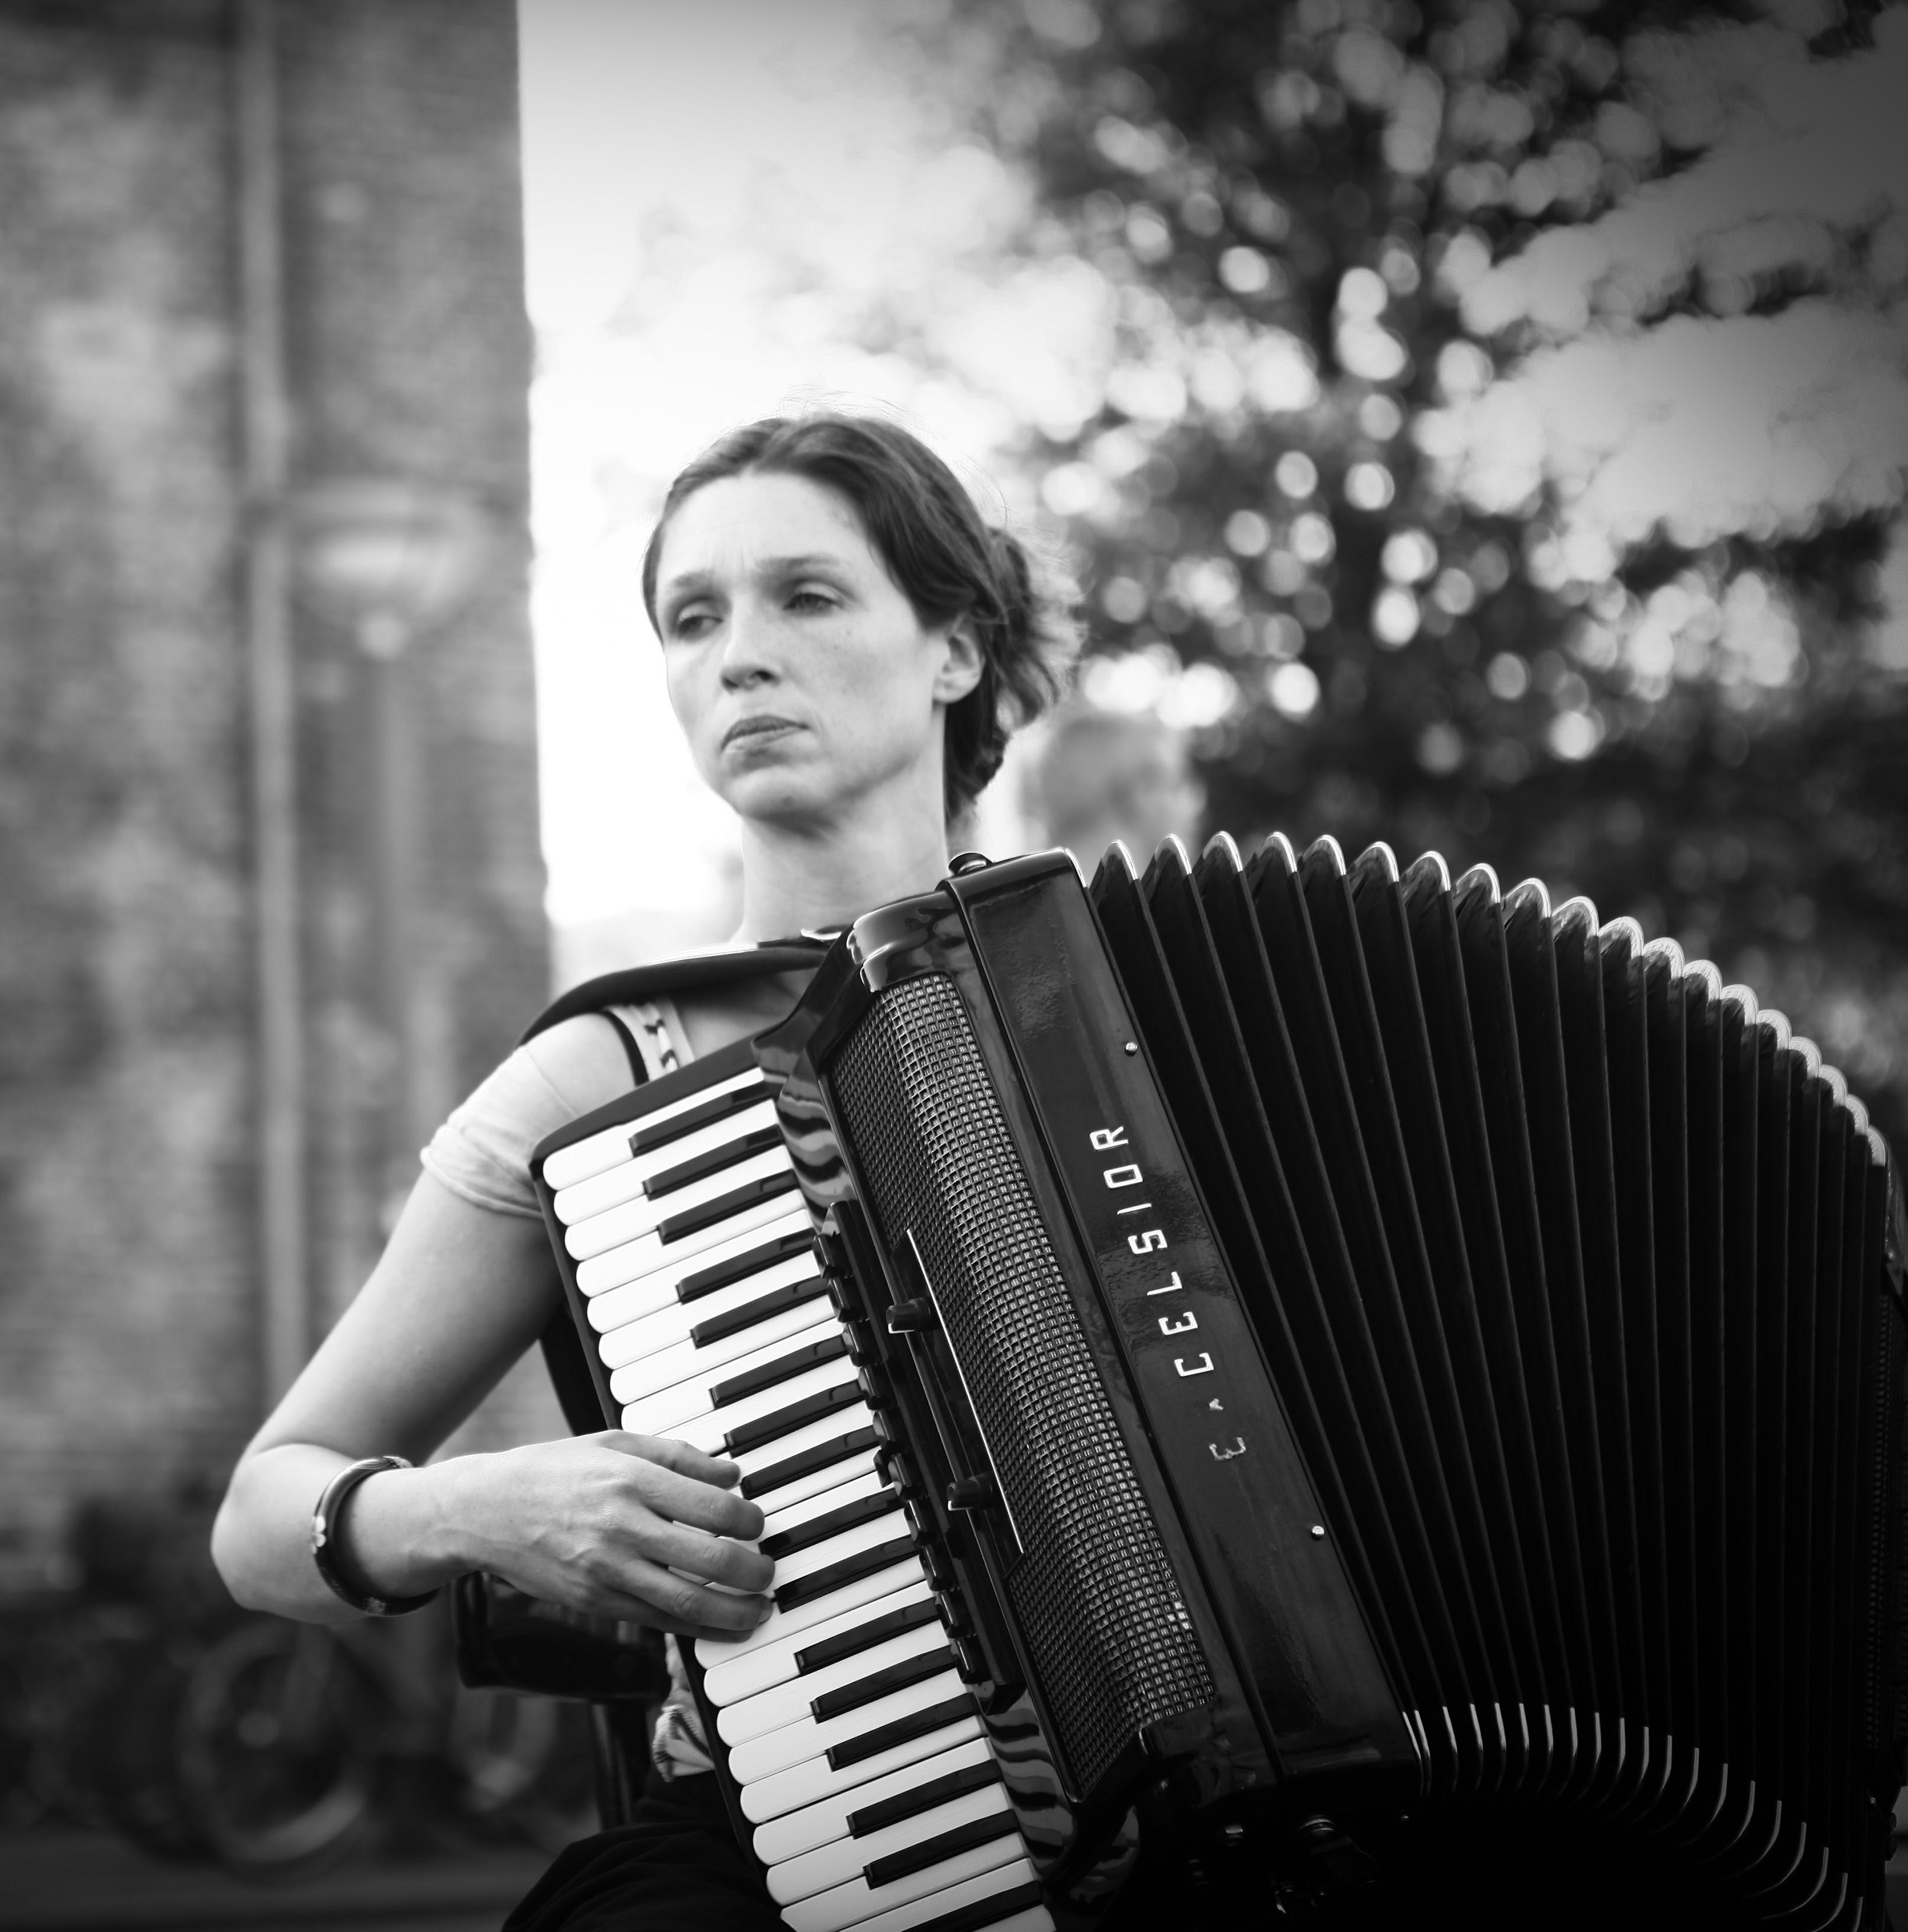 By Photo by: Svetlana Volodina 2017